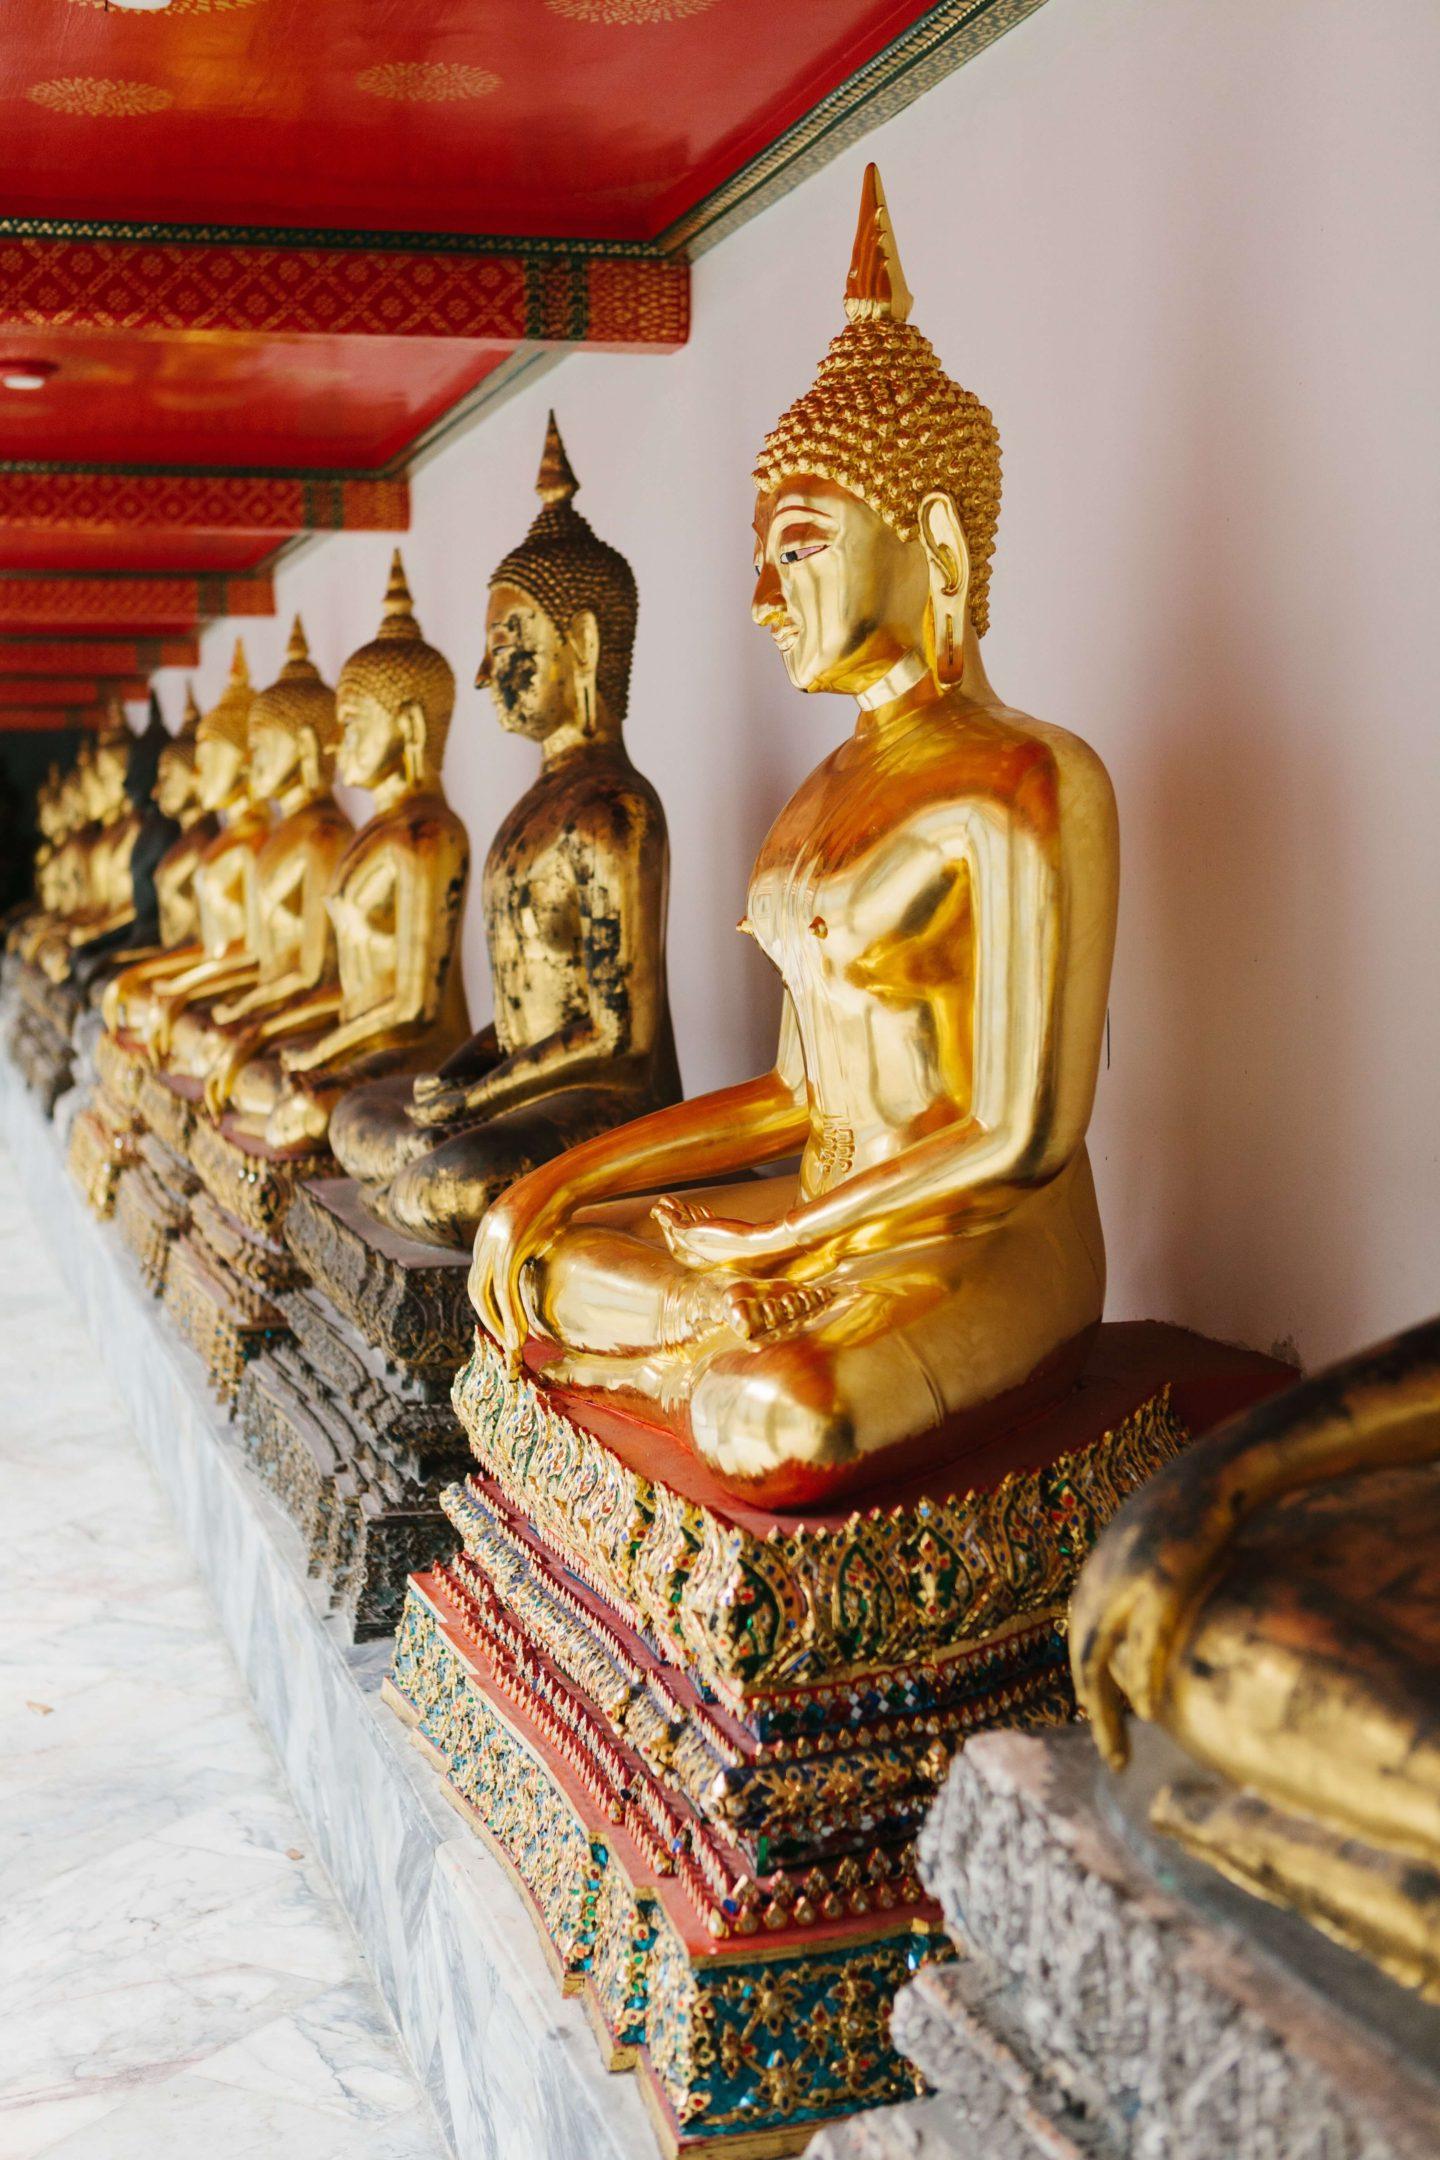 10 day thailand itinerary - budda statues at temple in bangkok